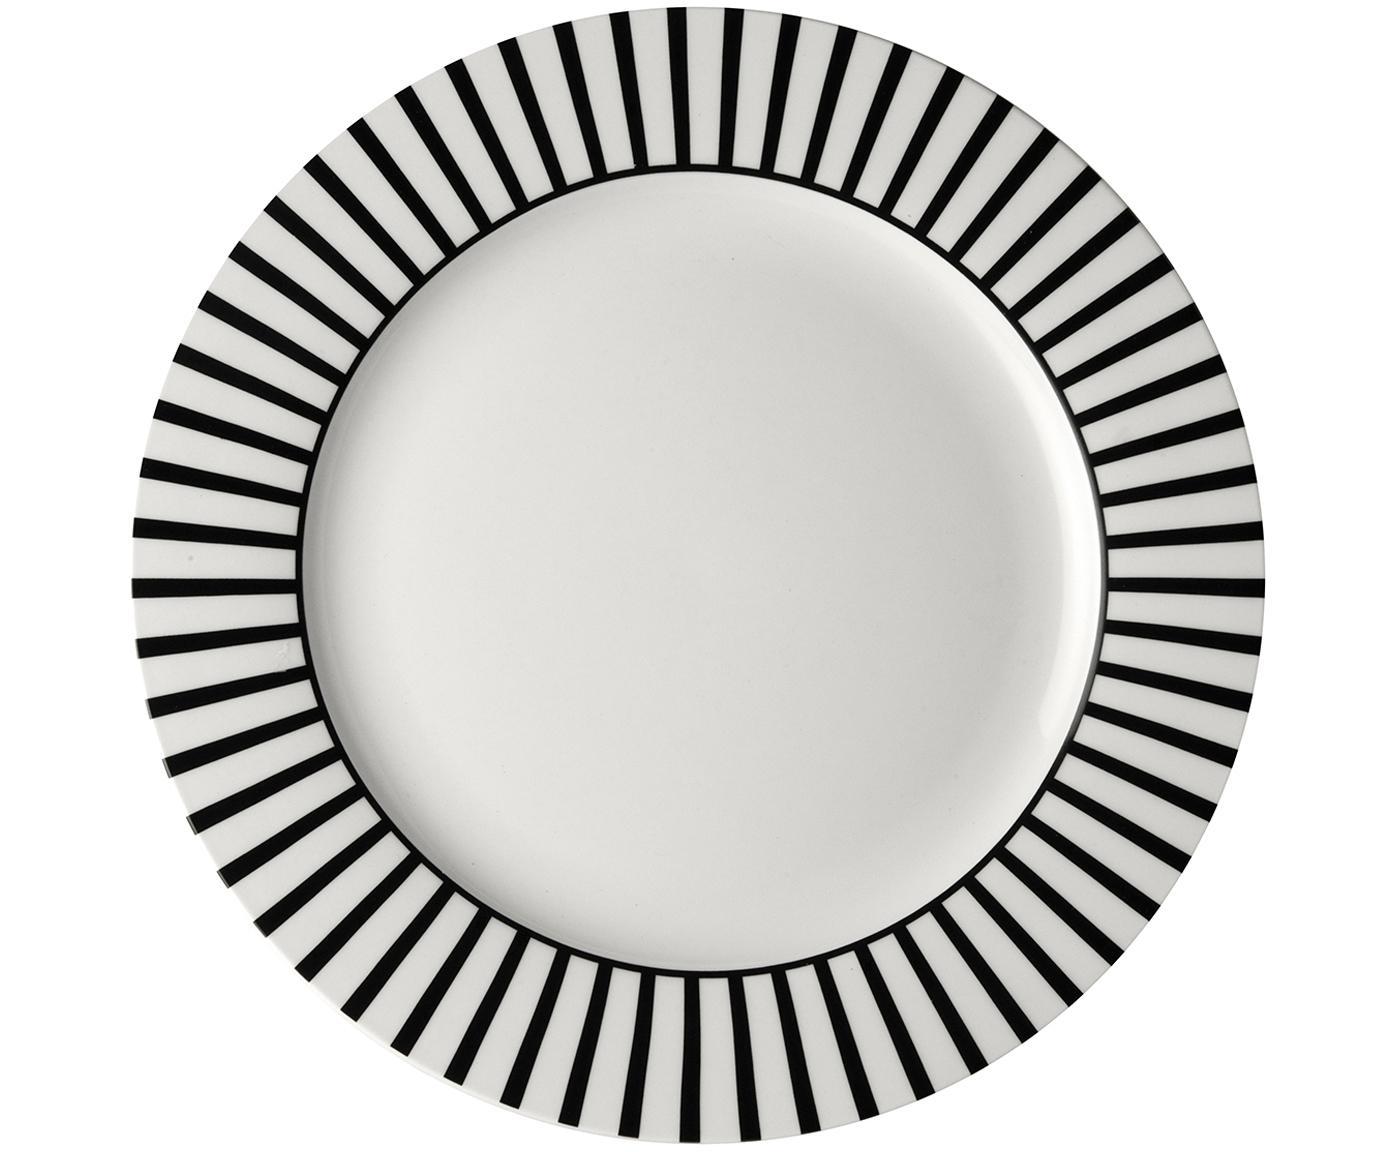 Sottopiatto Ceres Loft, 4 pz., Porcellana, Bianco, nero, Ø 30 x A 2 cm